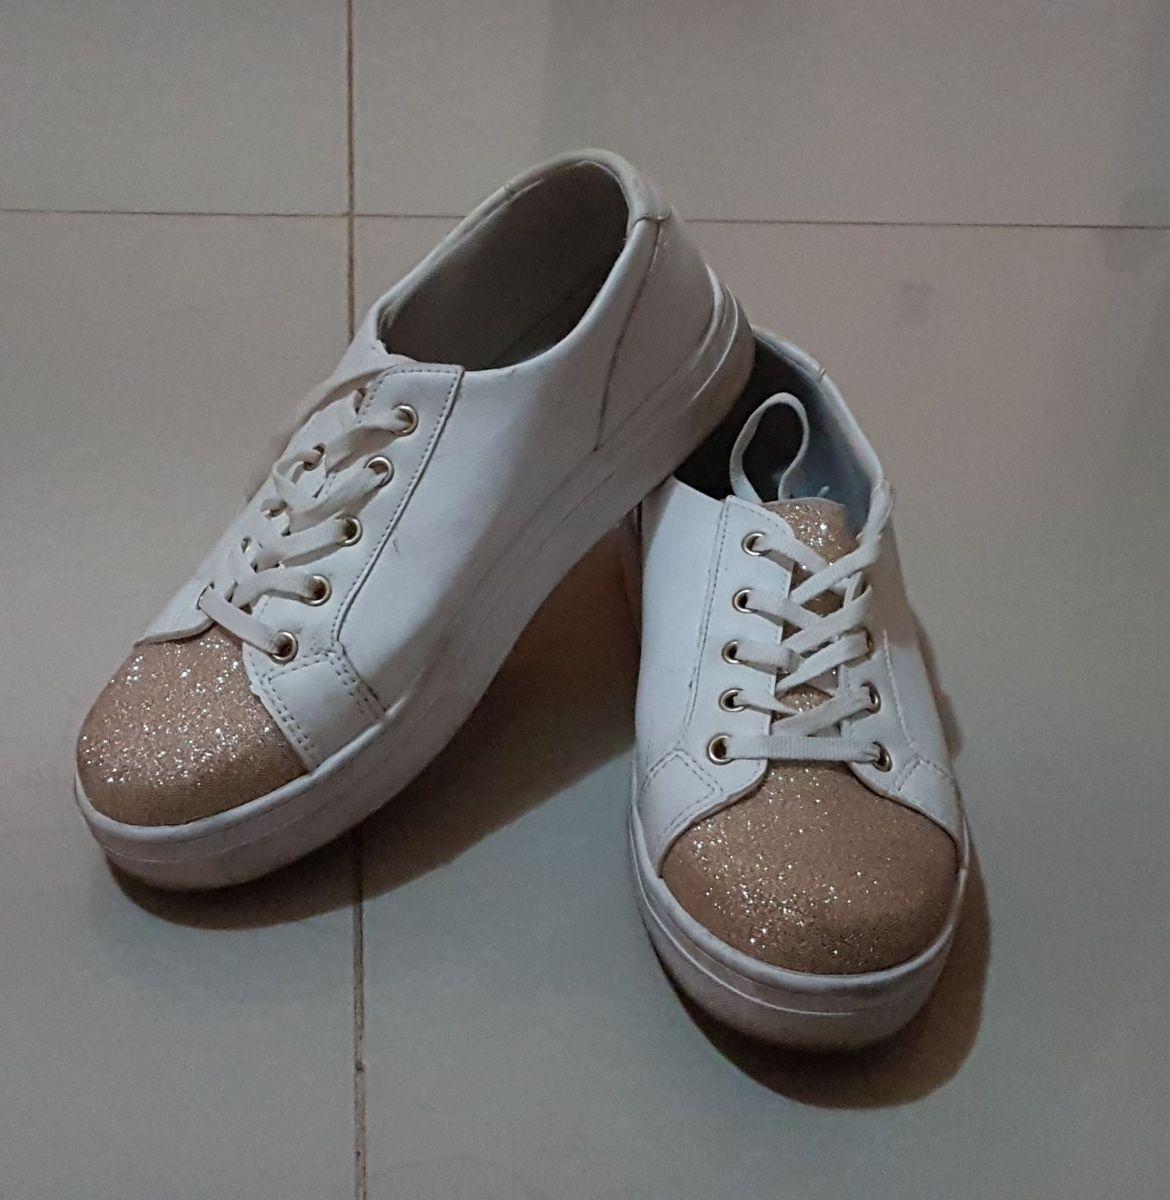 490c5f29f tênis branco com brilho - tênis polyelle.  Czm6ly9wag90b3muzw5qb2vplmnvbs5ici9wcm9kdwn0cy85mjmxntg0lzmyotgzymuzymzhoduxntvlmzmyyjkxotjhzwqxotmxlmpwzw